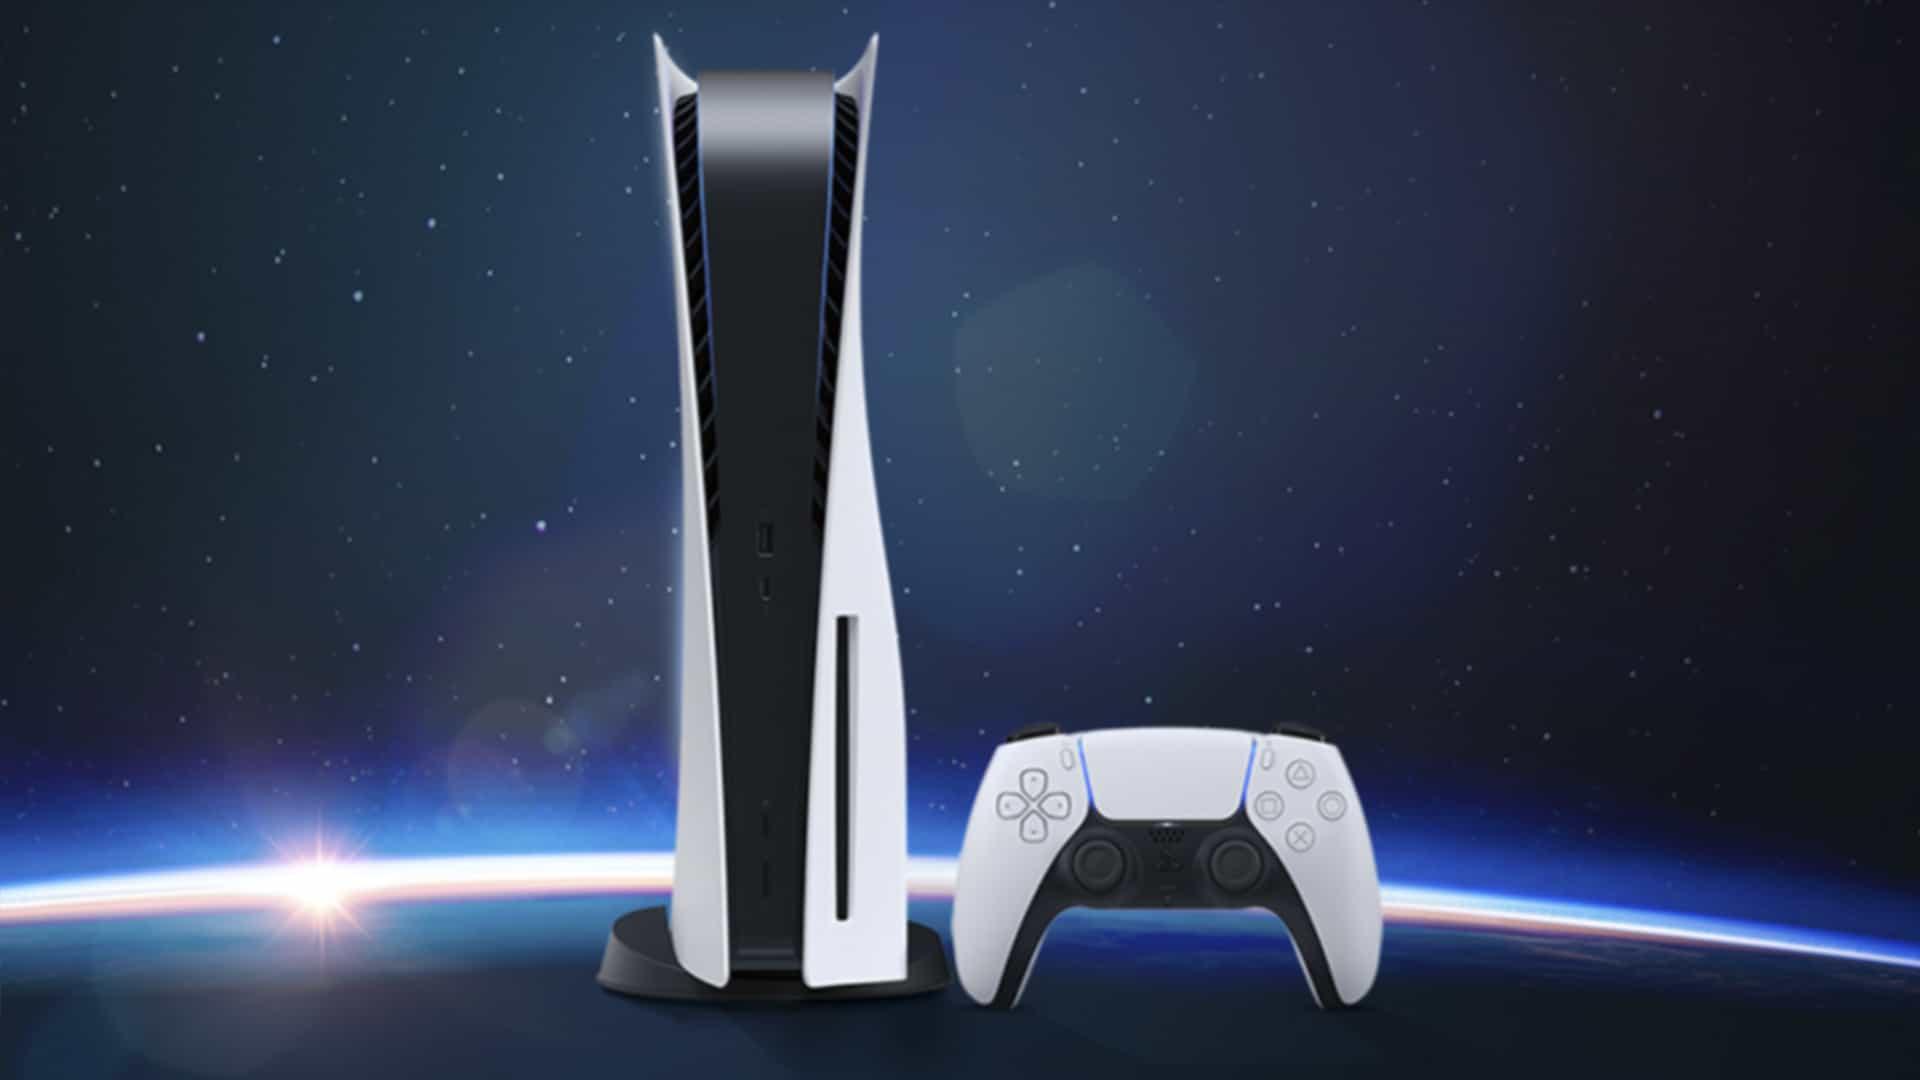 Se acaban de filtrar detalles del rediseño de PS5 de Sony (y suena épico)